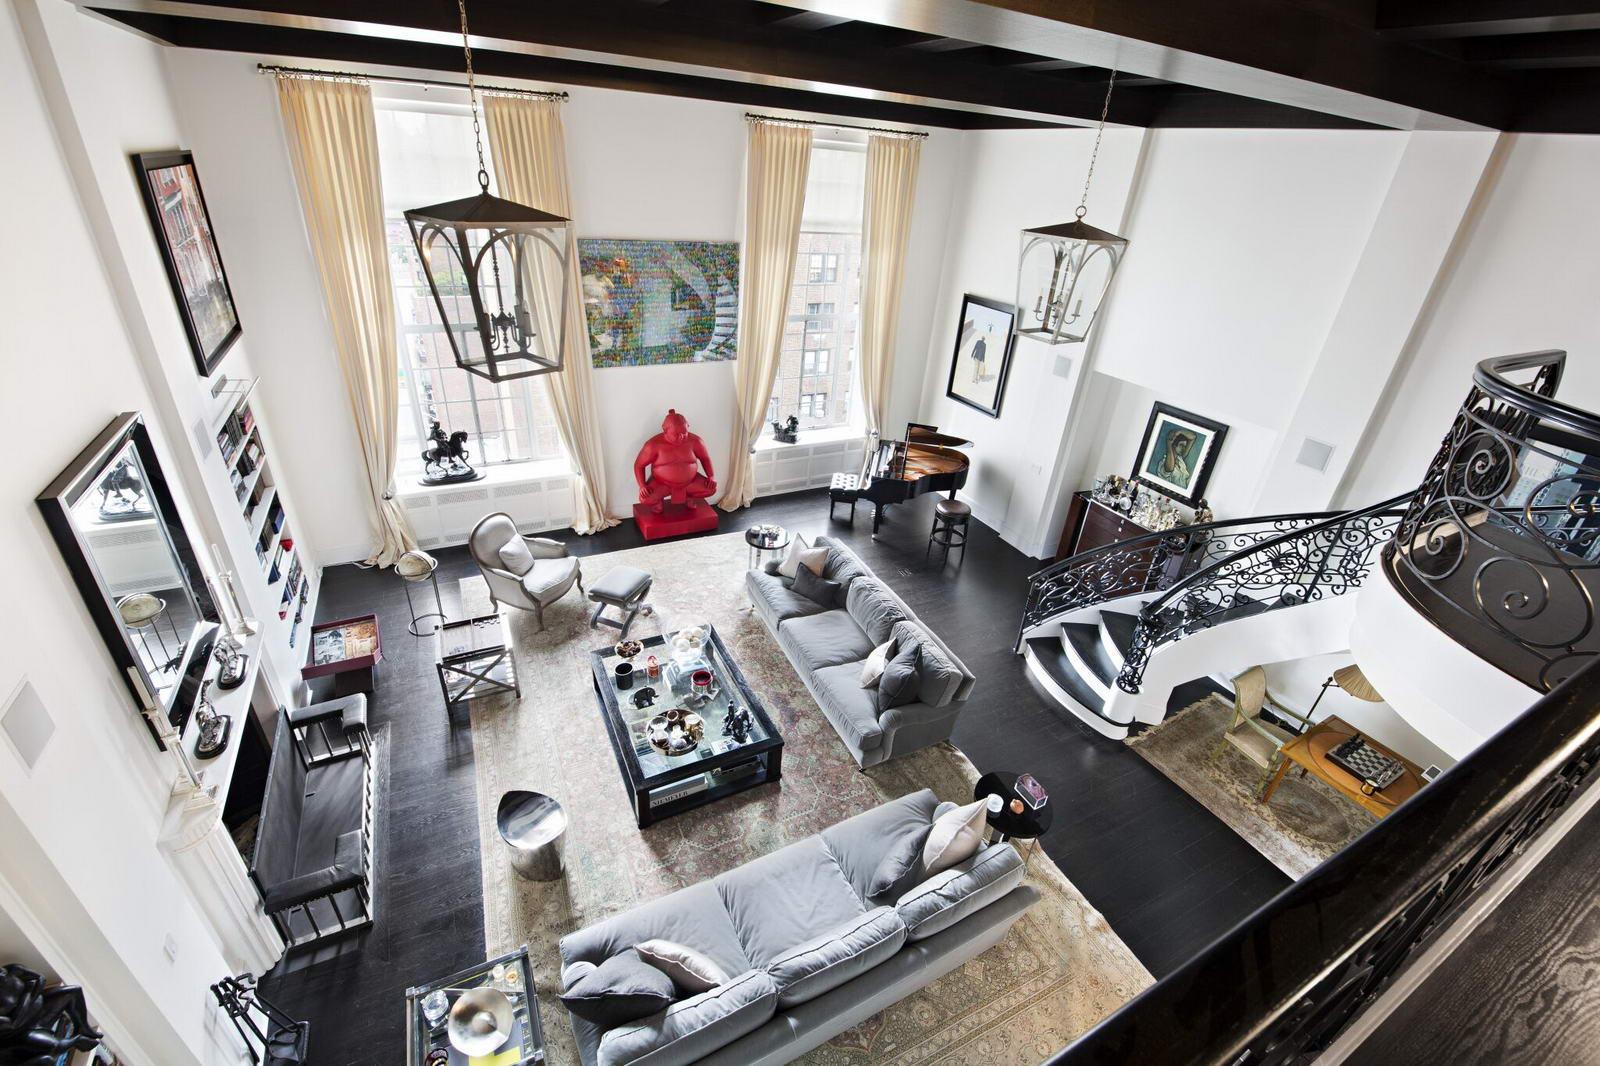 Achat et location appartement et townhouse new york for Achat location appartement